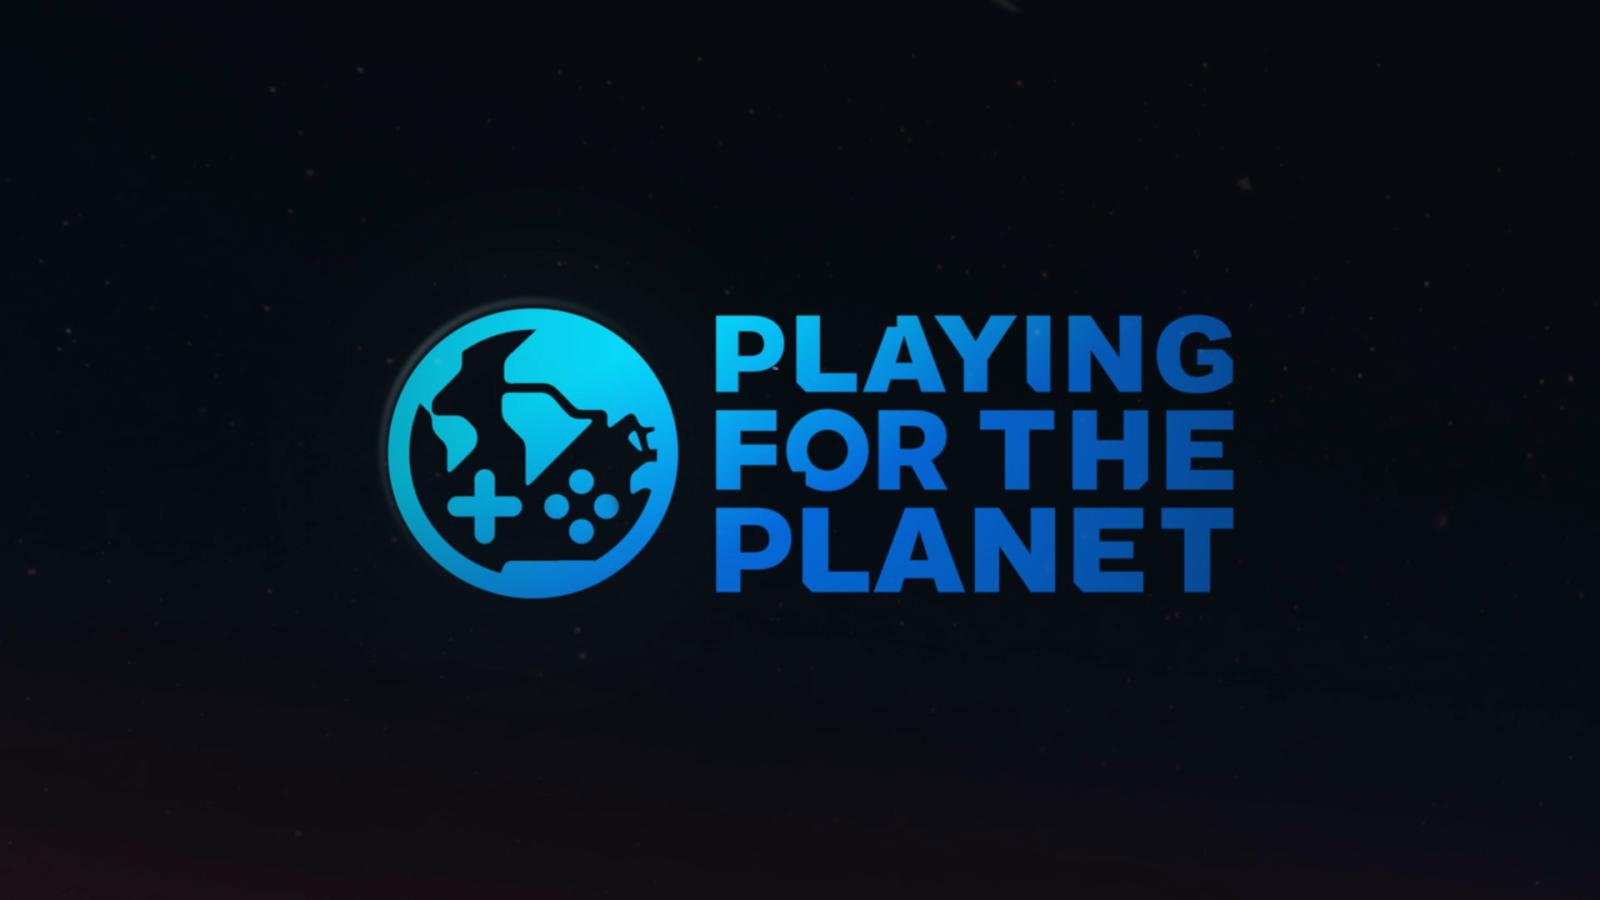 微软及索尼等游戏巨头共建环保联盟:携手联合国抗击气候变化